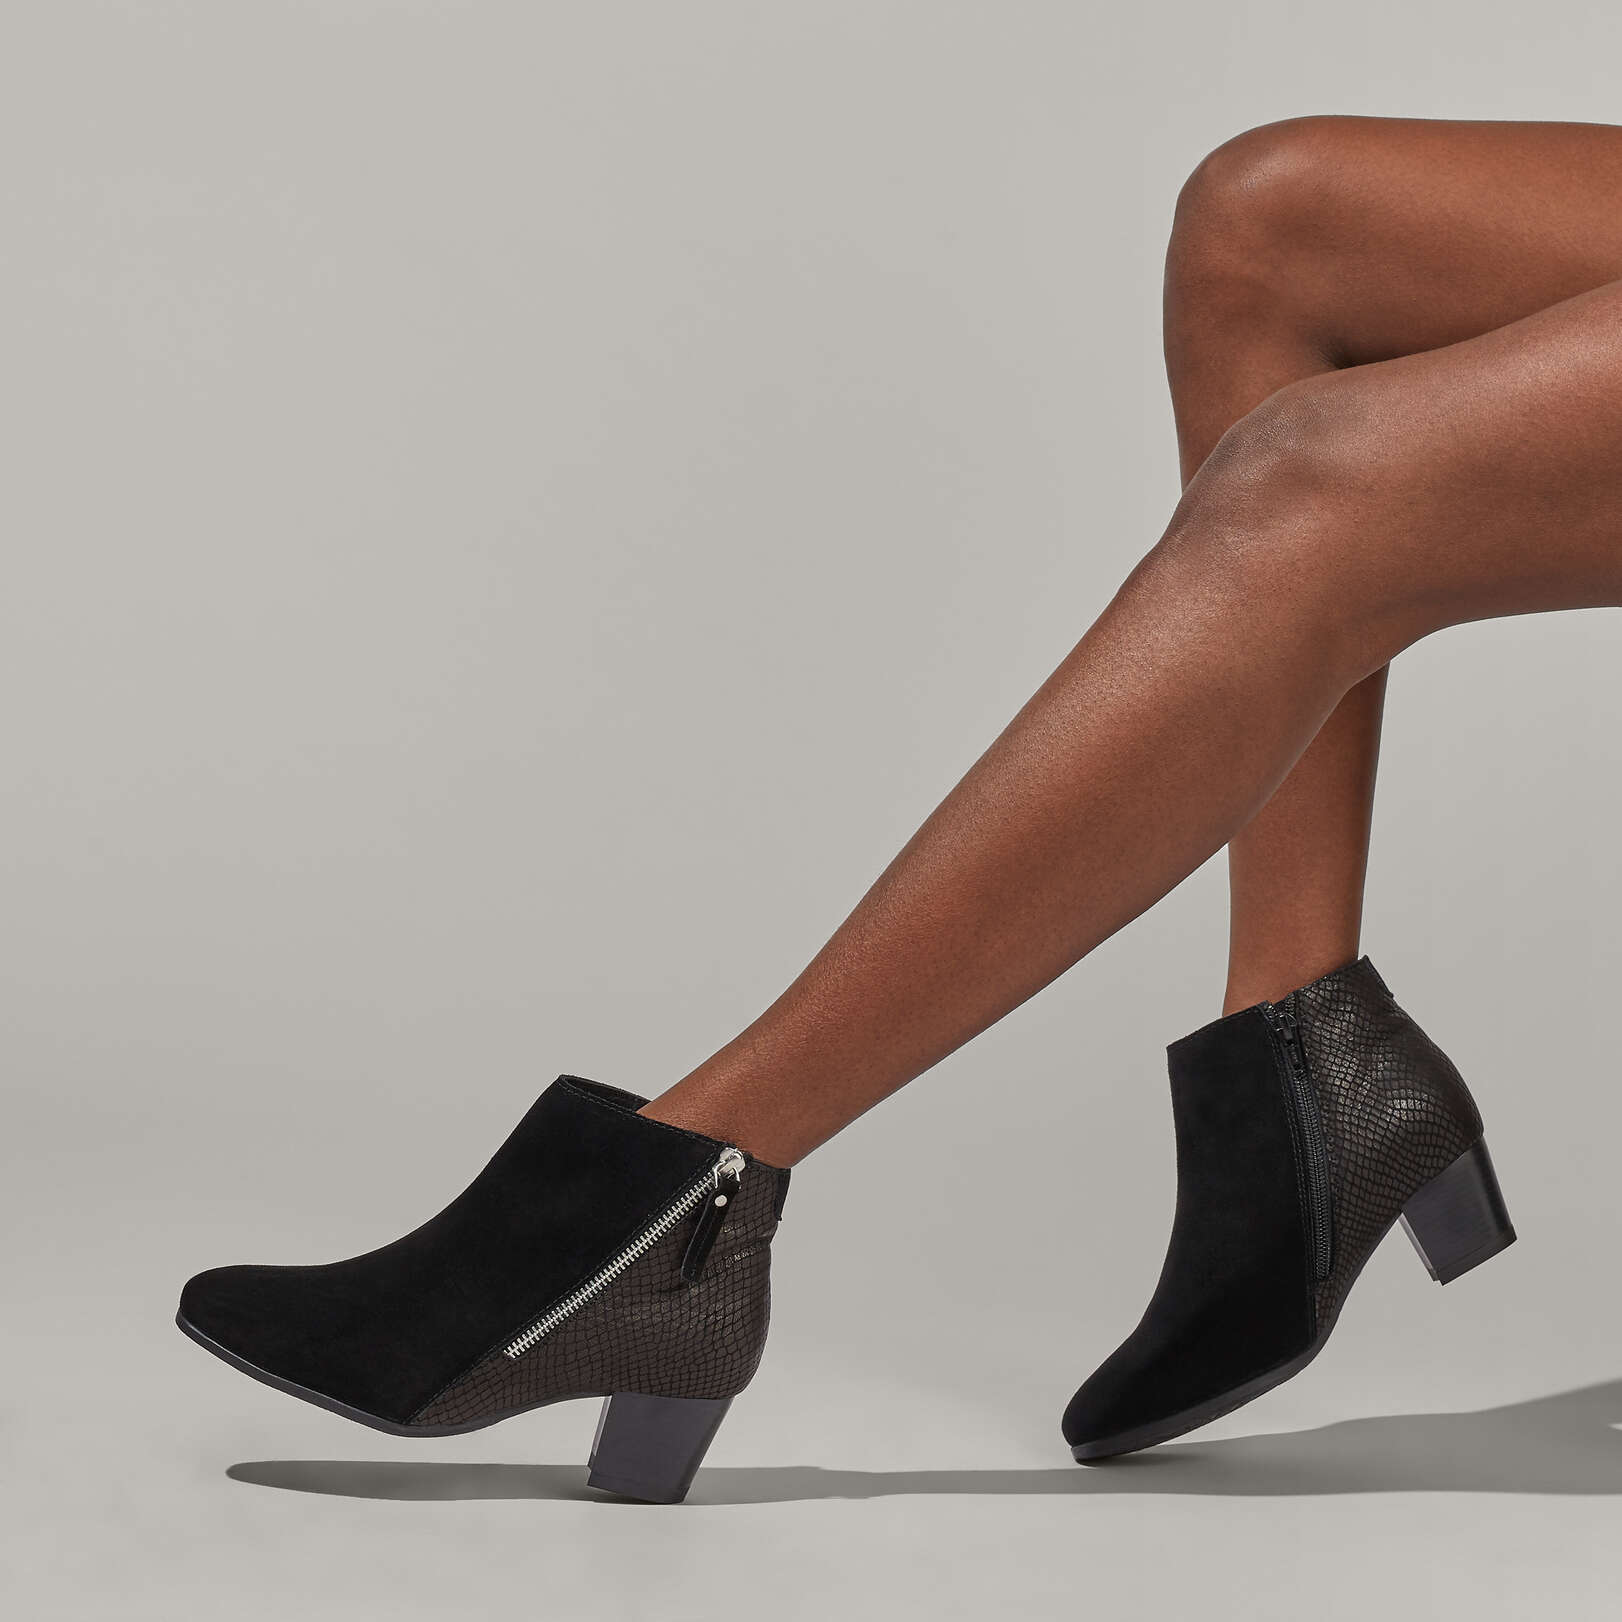 RACHEL - CARVELA COMFORT Ankle Boots